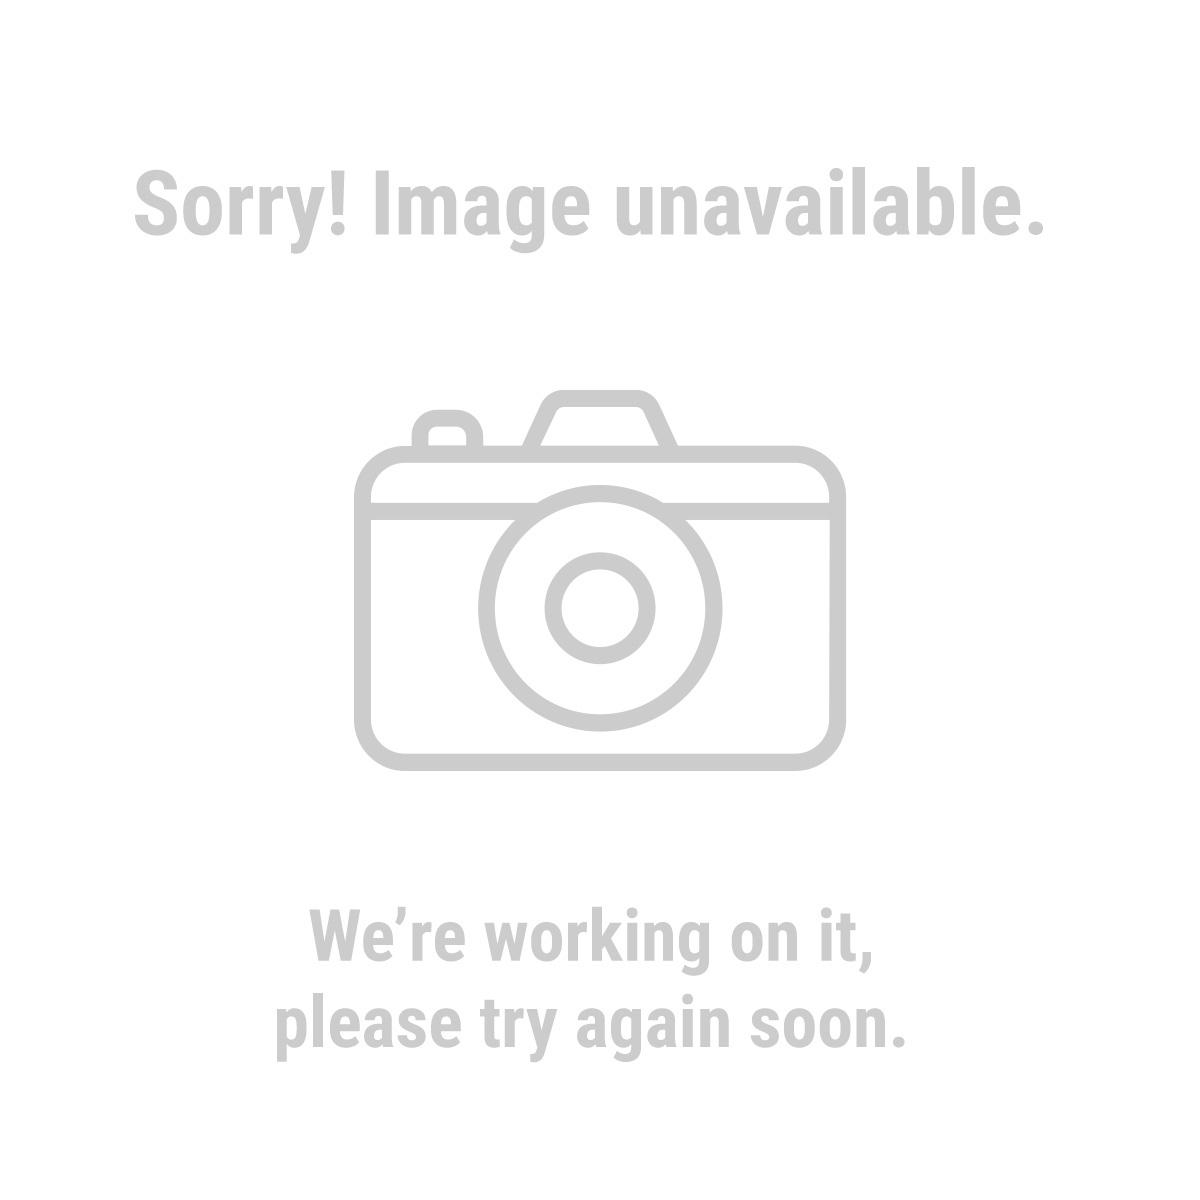 Chicago Electric Welding 61849 90 Amp Flux Wire Welder